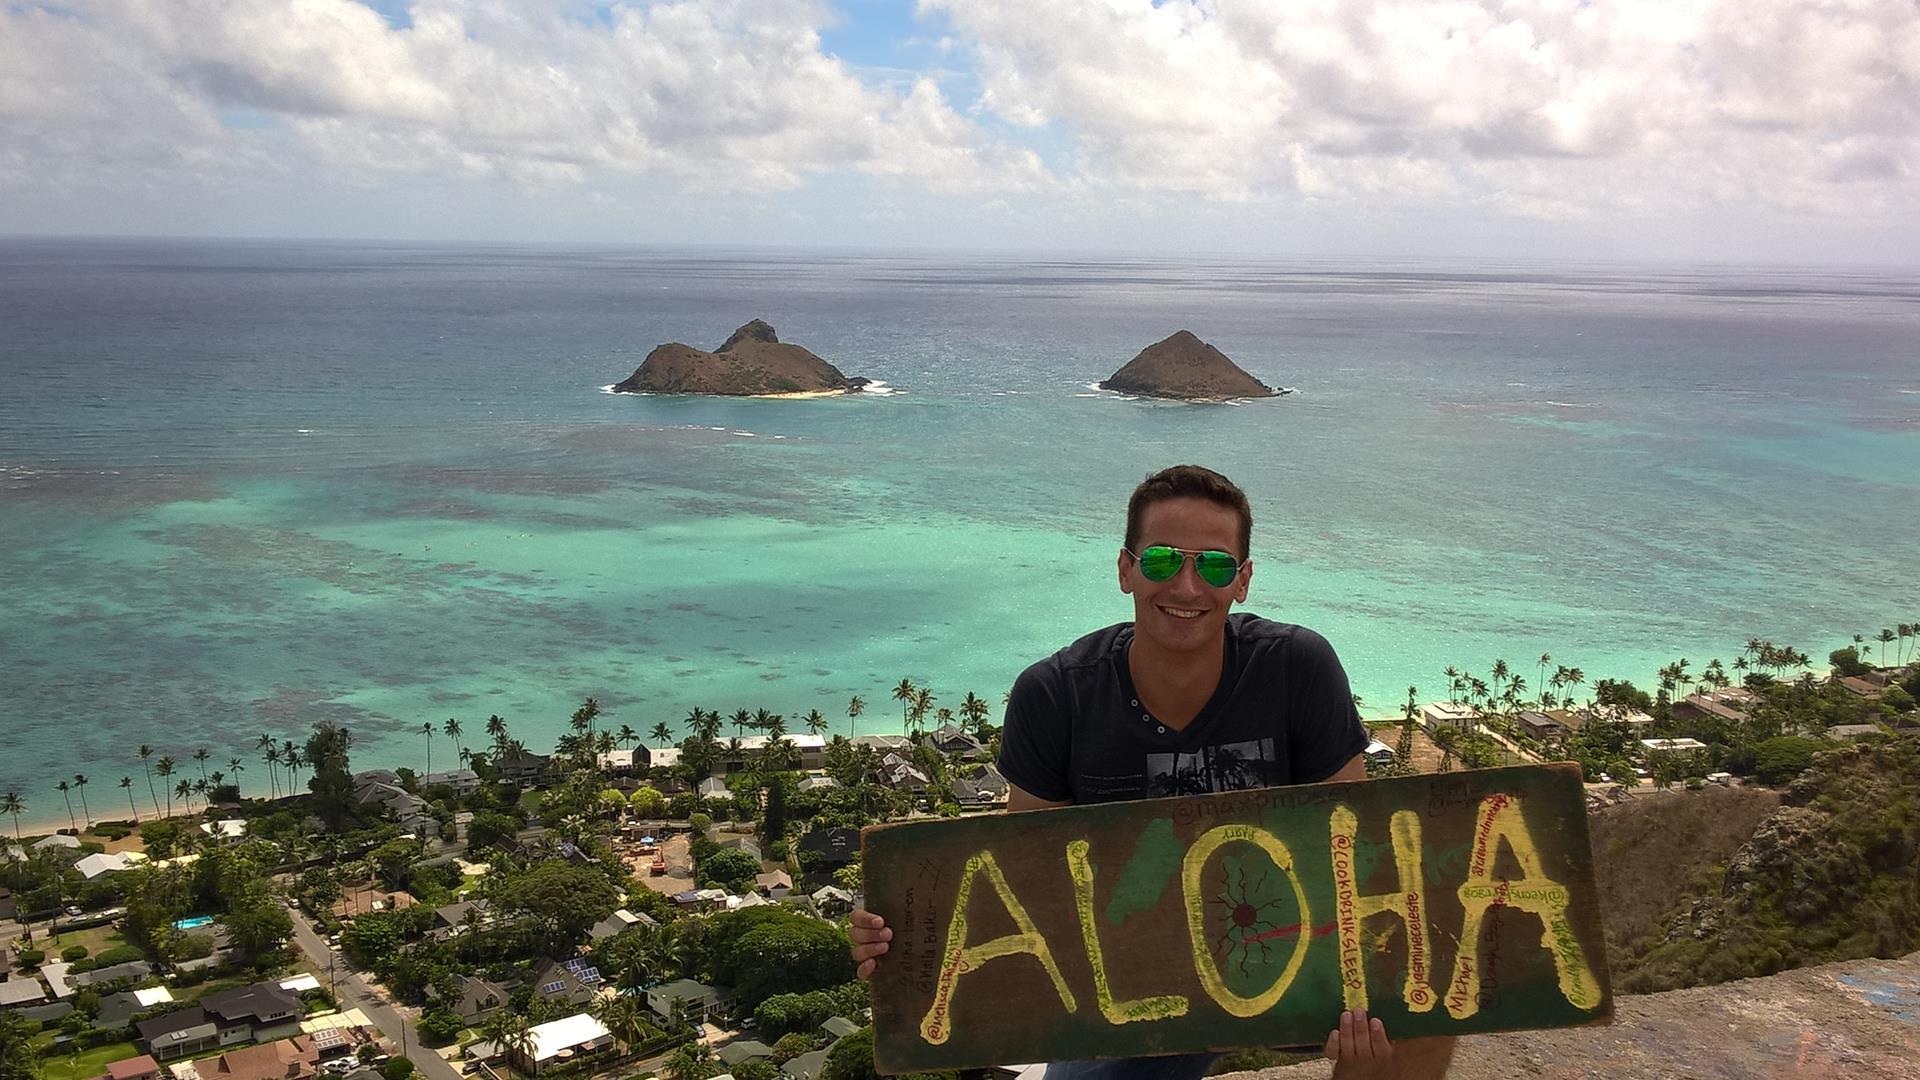 Aloha euch allen aus dem fernen Hawaii